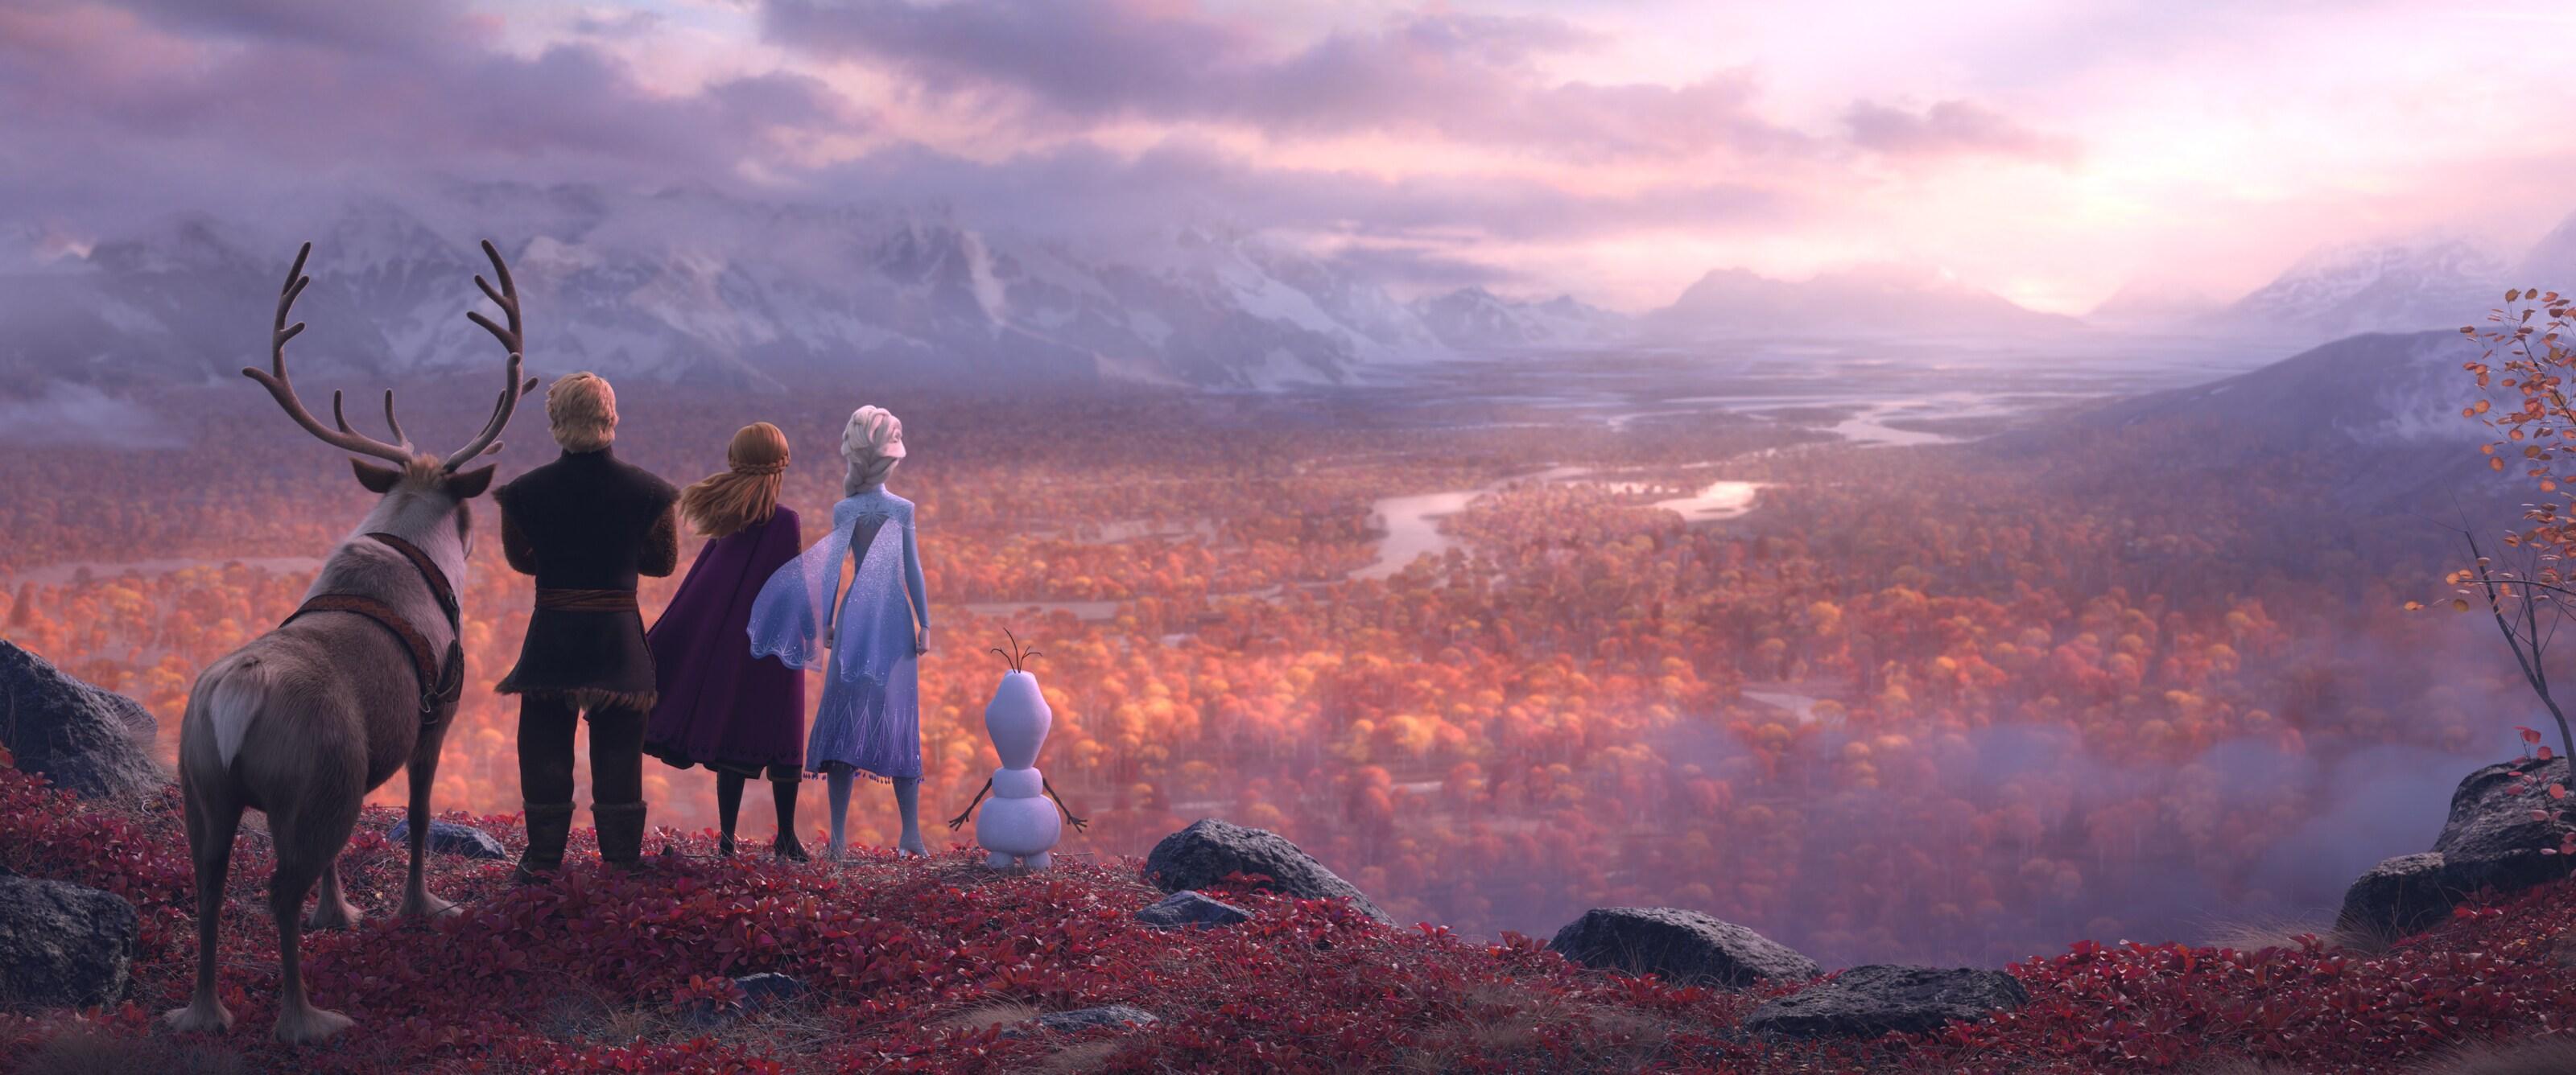 Comprar entradas para Frozen 2